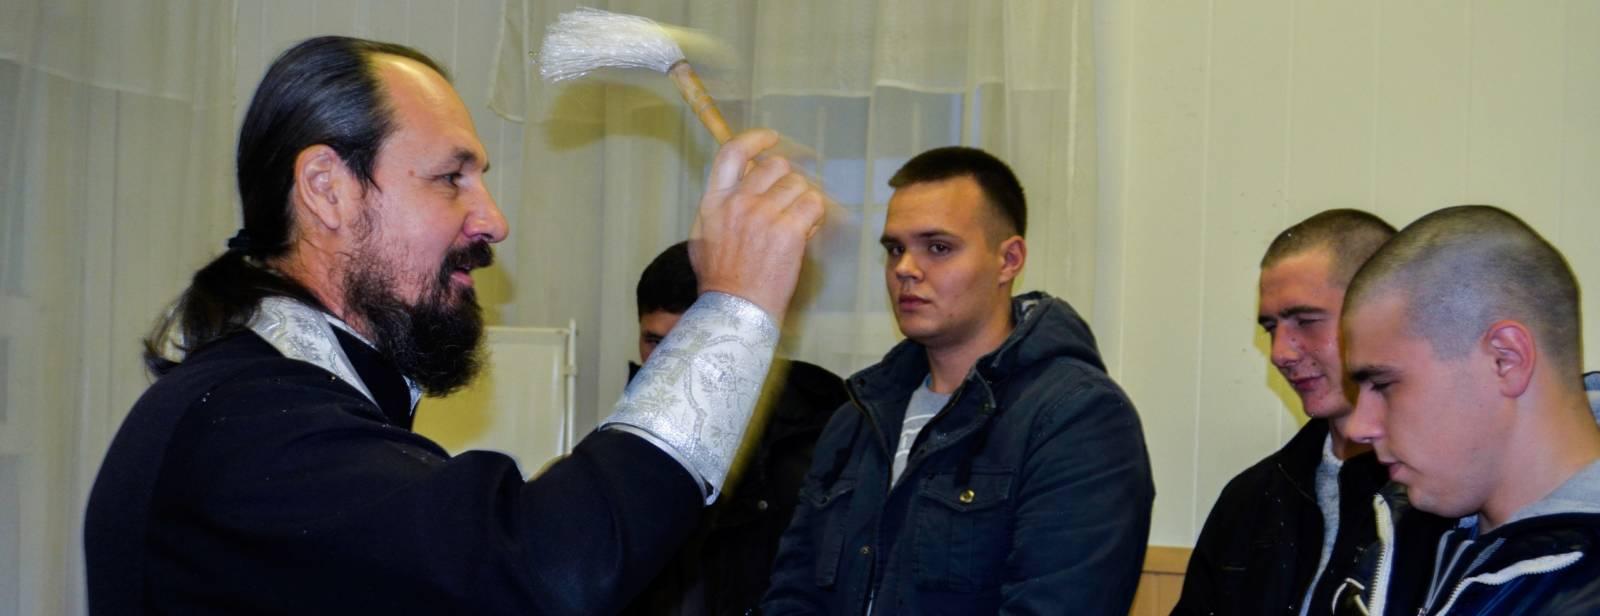 Молебен после призыва на военную службу в г.Михайловка. - Урюпинская епархия